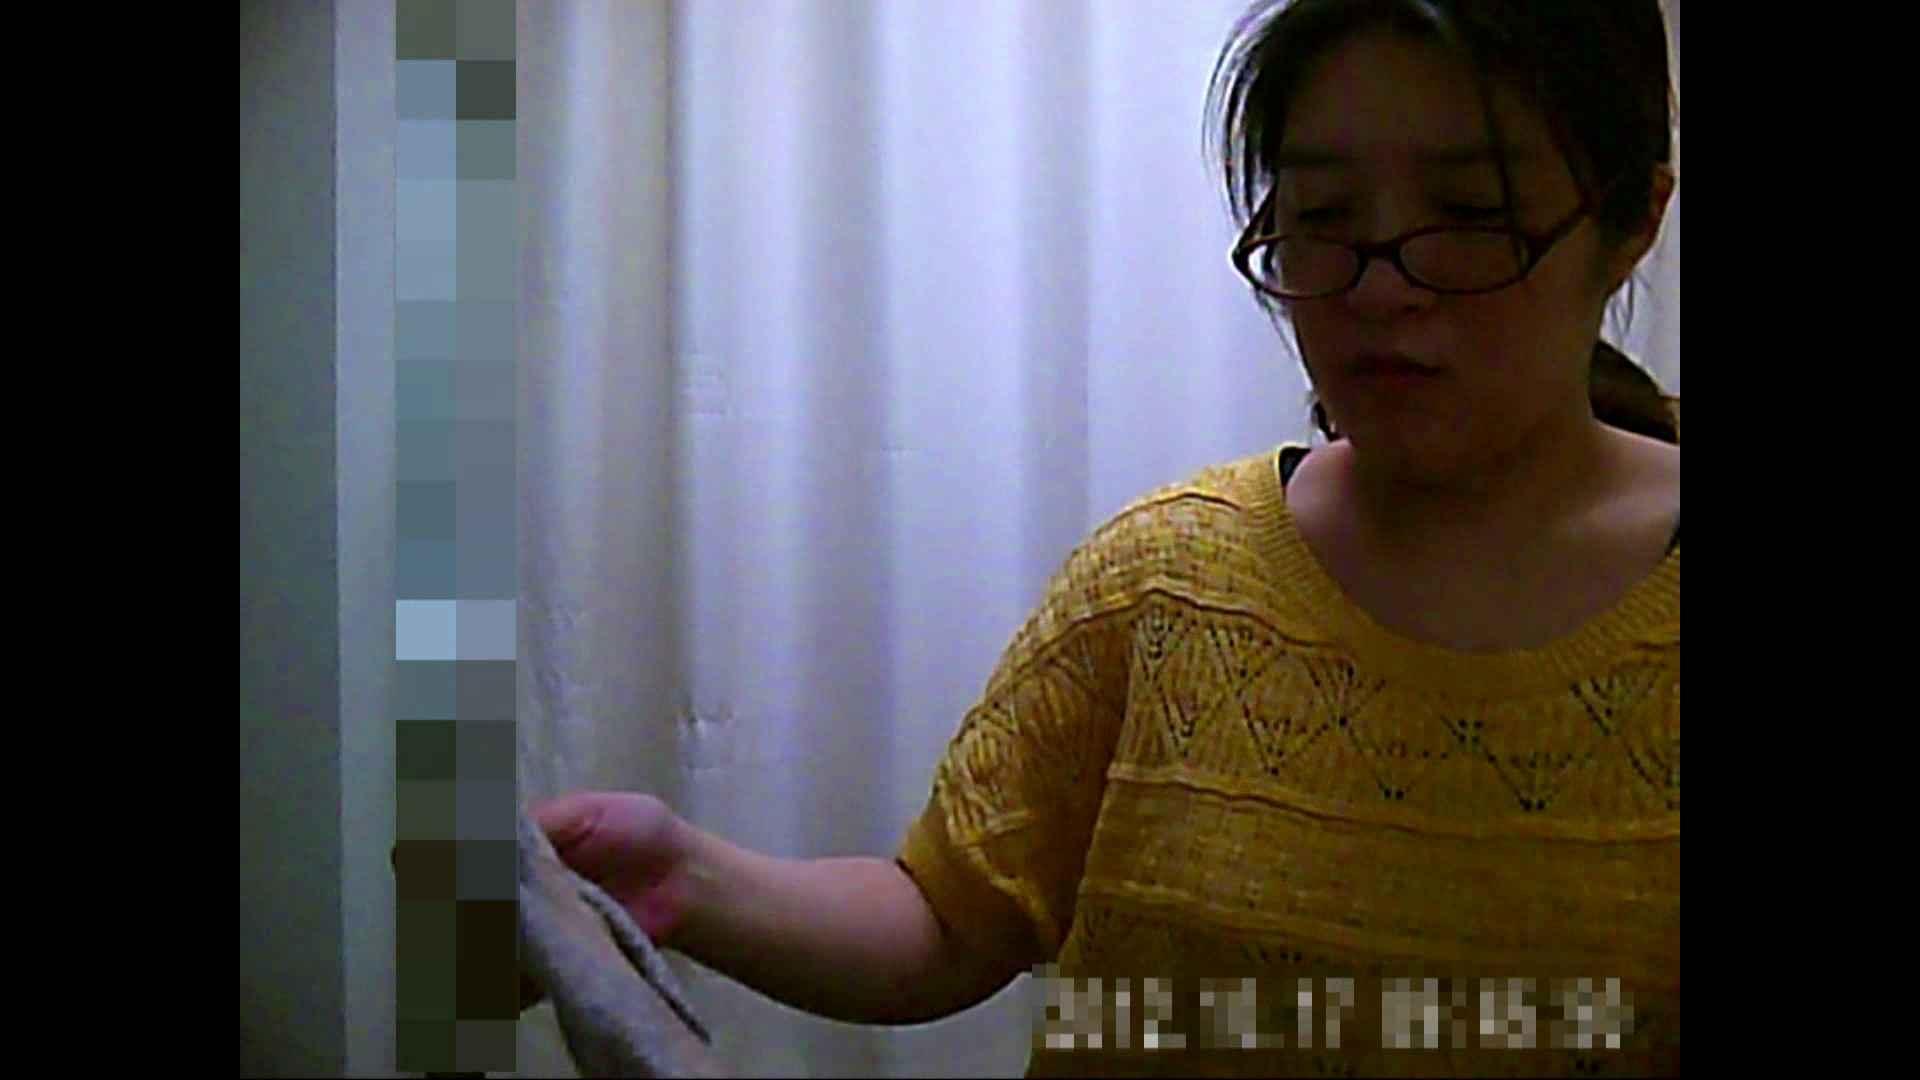 病院おもいっきり着替え! vol.241 おっぱい おまんこ無修正動画無料 63PIX 11